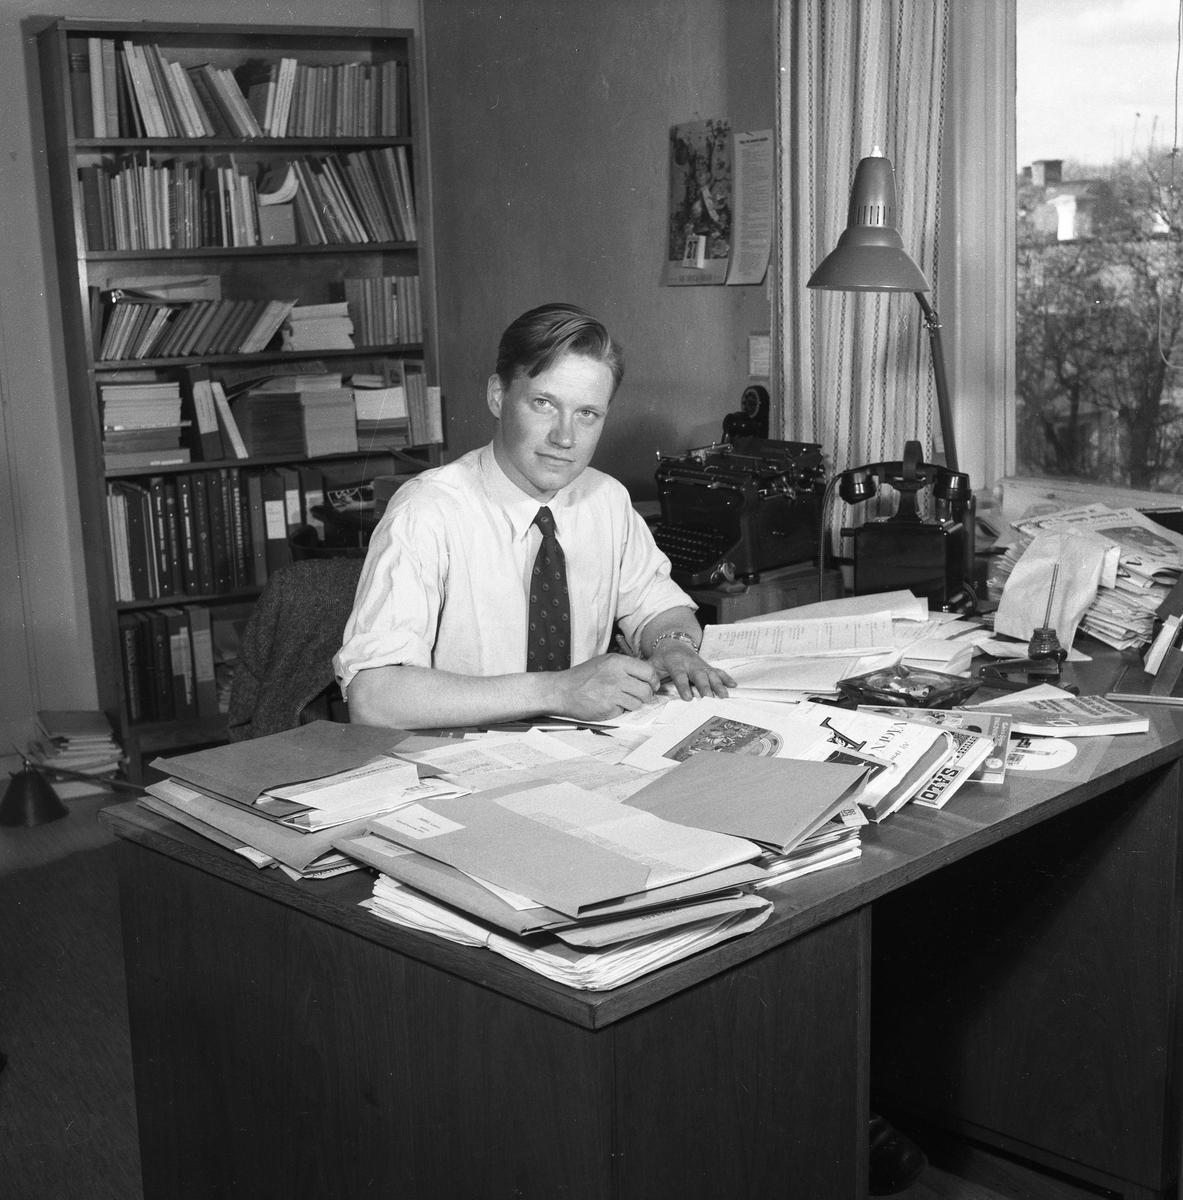 Arboga Tidning, personal och interiör. En man sitter vid ett skrivbord med en penna i handen. Möjligen är han journalist. Han har skjorta och slips på sig, kavajen har han hängt över stolsryggen. Skrivbordet är belamrat med papper och trycksaker. Där finns även en telefon, en askkopp och en skrivbordslampa. Skrivbordet står nära fönstret, det syns att mannens kontor ligger någon våning upp i huset. Vid sidan om honom, står ett litet bord med en skrivmaskin på. På väggen hänger en telefon (möjligen en interntelefon). Bakom sig har han en bokhylla full av böcker och pärmar. Det står till och med några böcker på golvet.